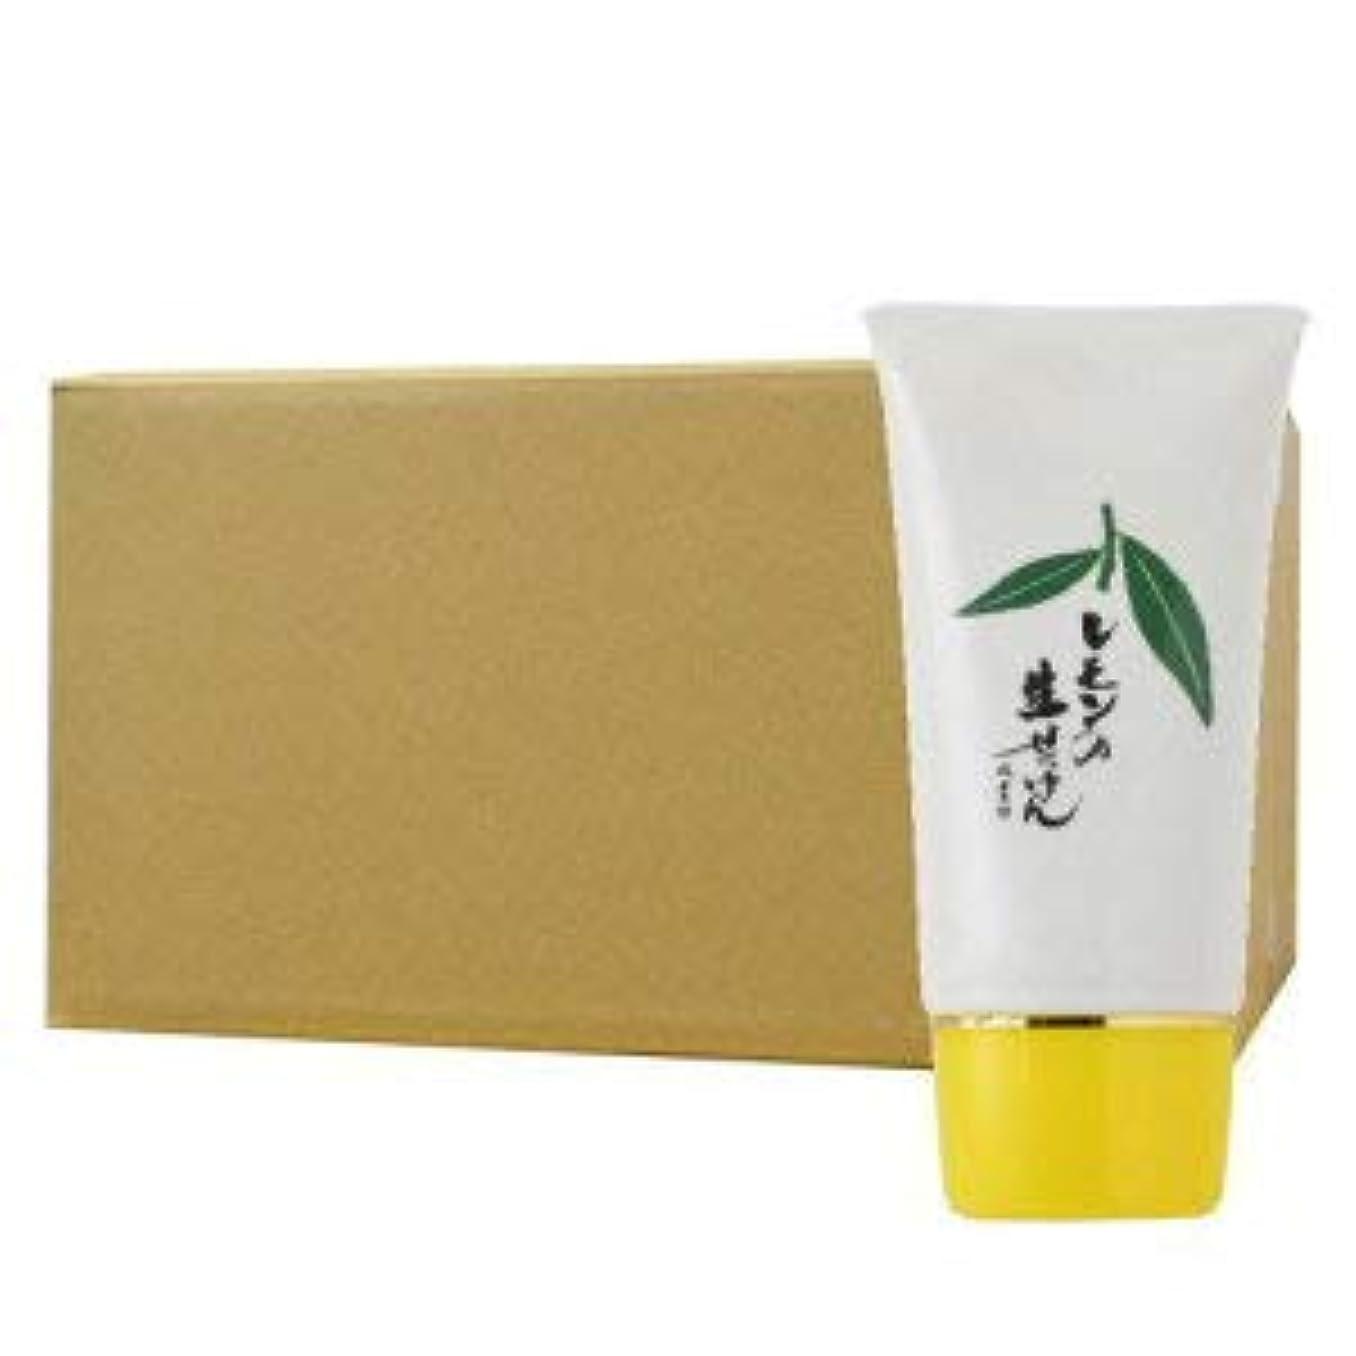 策定するオリエンテーション西UYEKI美香柑レモンの生せっけん70g×60個セット